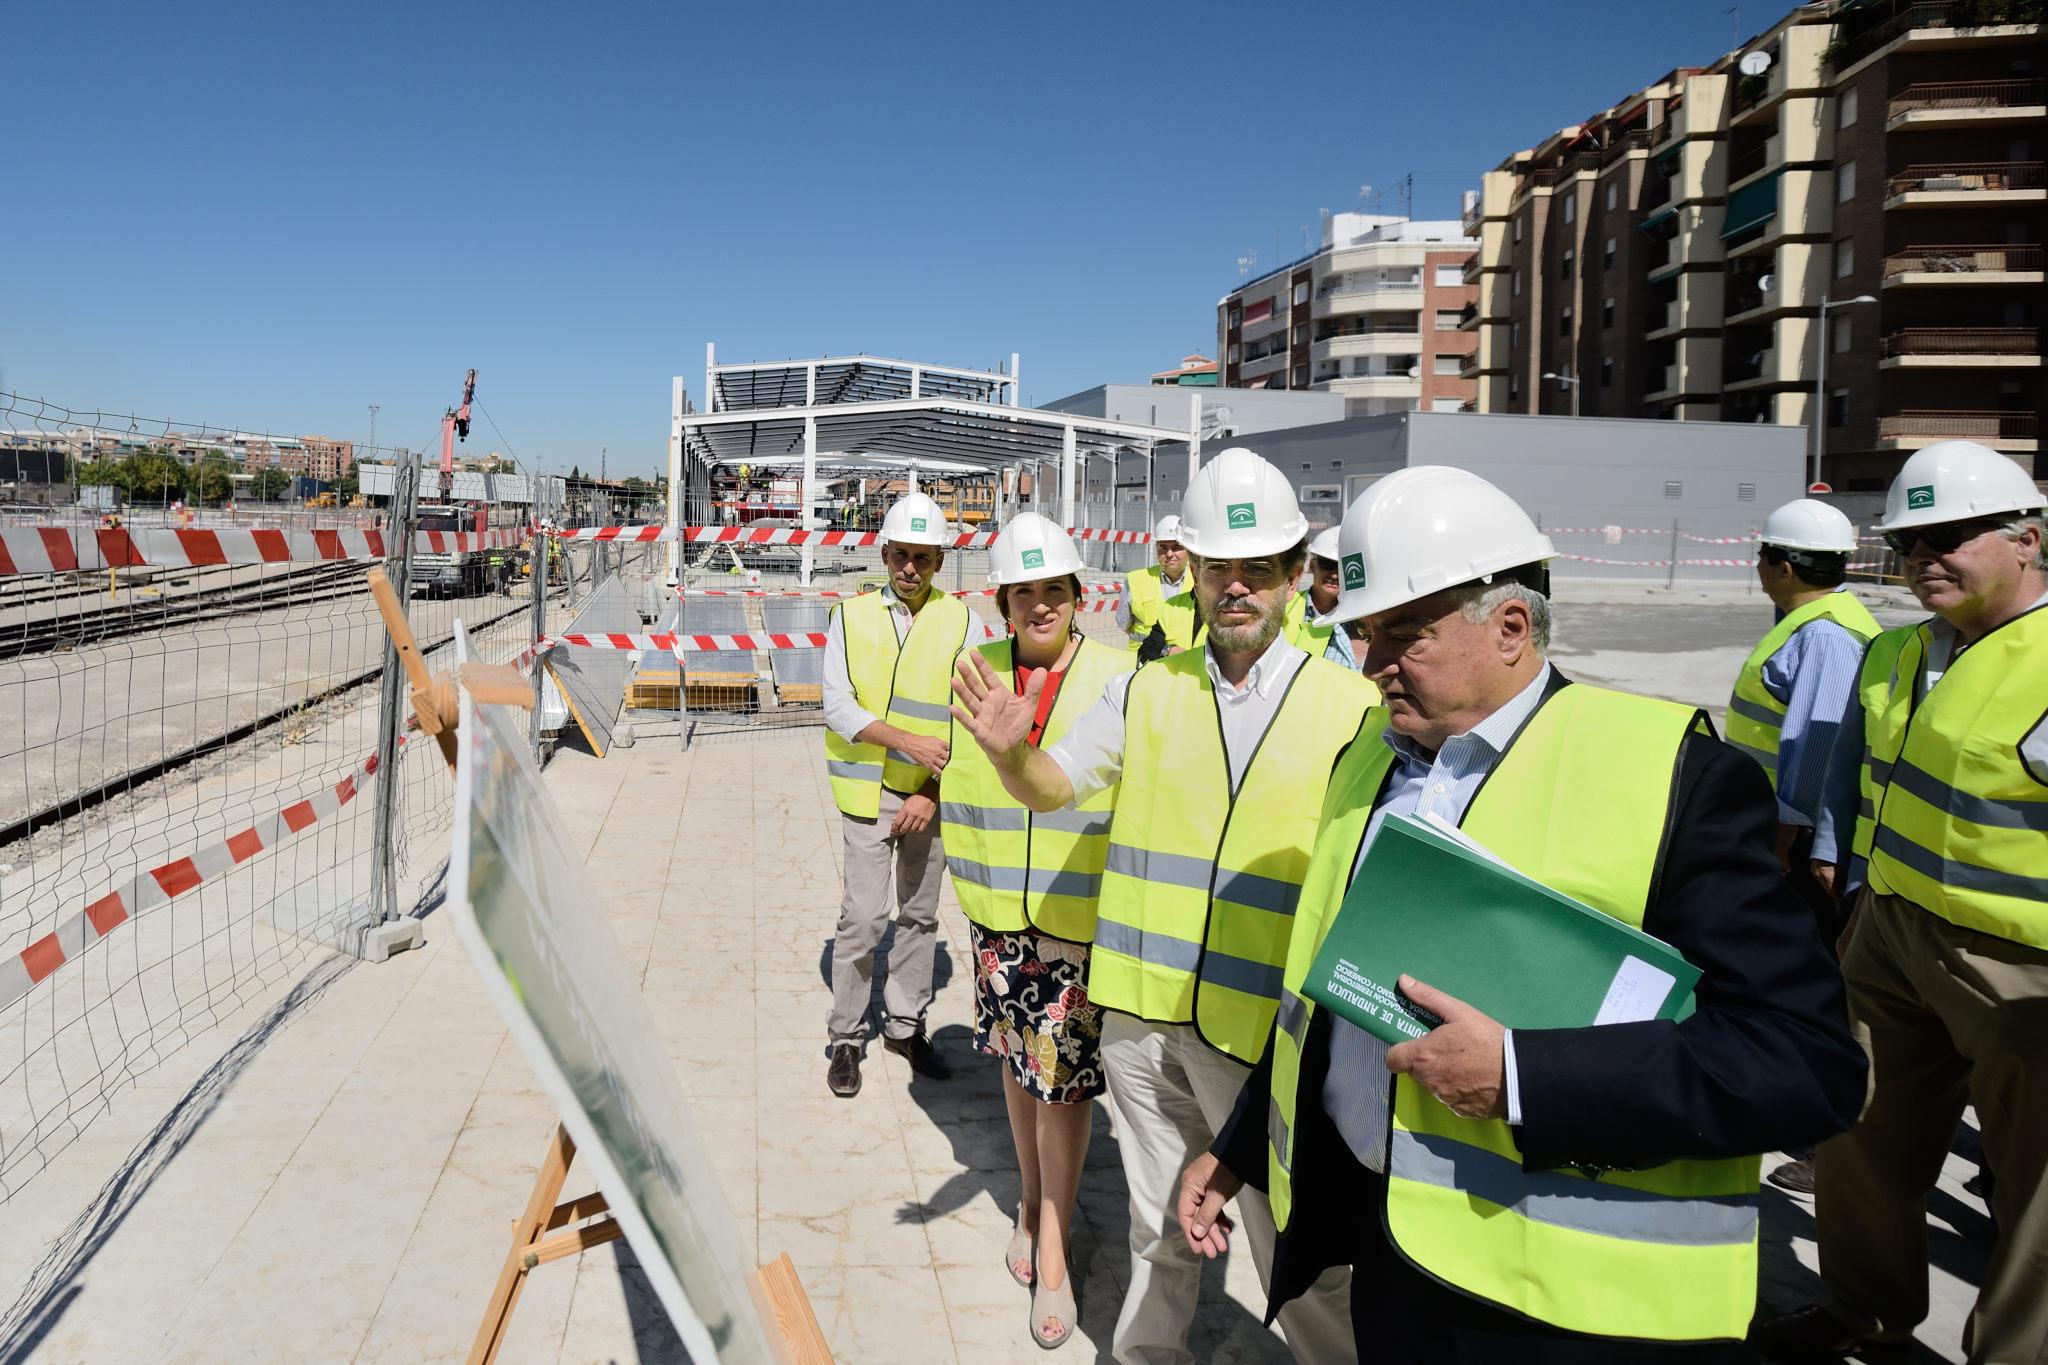 El consejero en su visita a las obras ha confirmado que el grueso de la obra civil estar� concluido en diciembre 2015